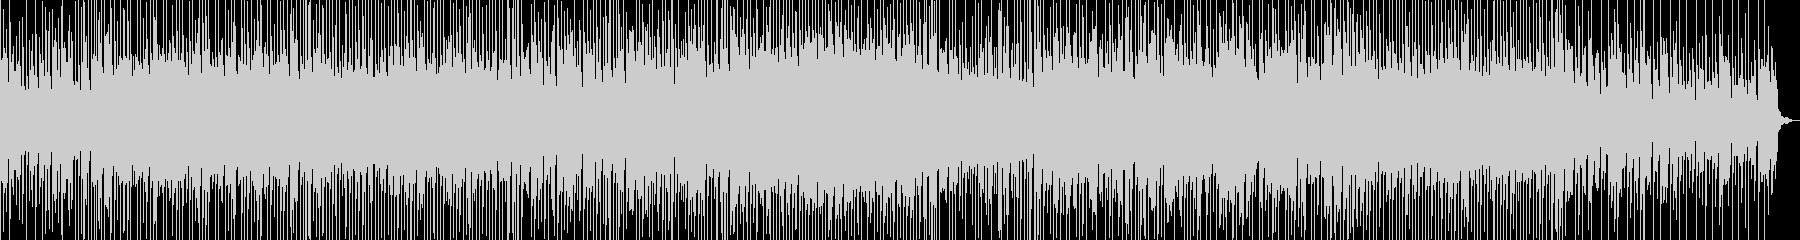 切ない曲調に軽快なリズムが乗ったBGMの未再生の波形